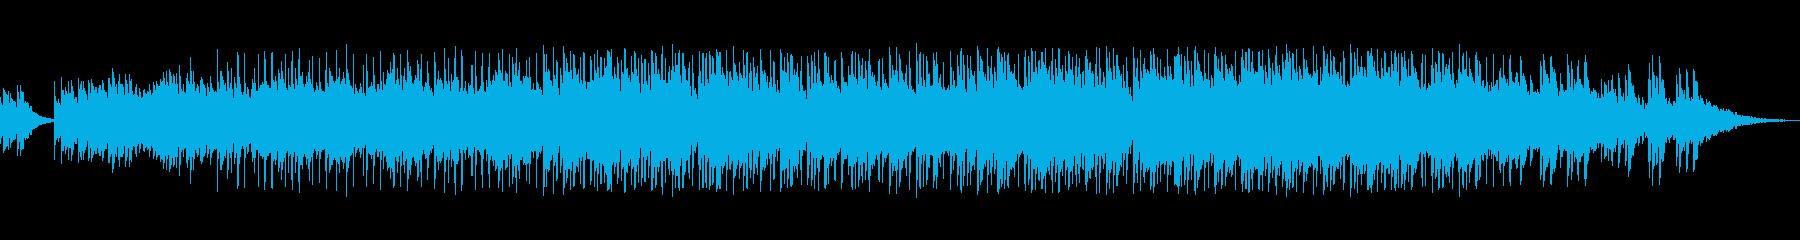 ノスタルジックムーディなハーモニカの再生済みの波形